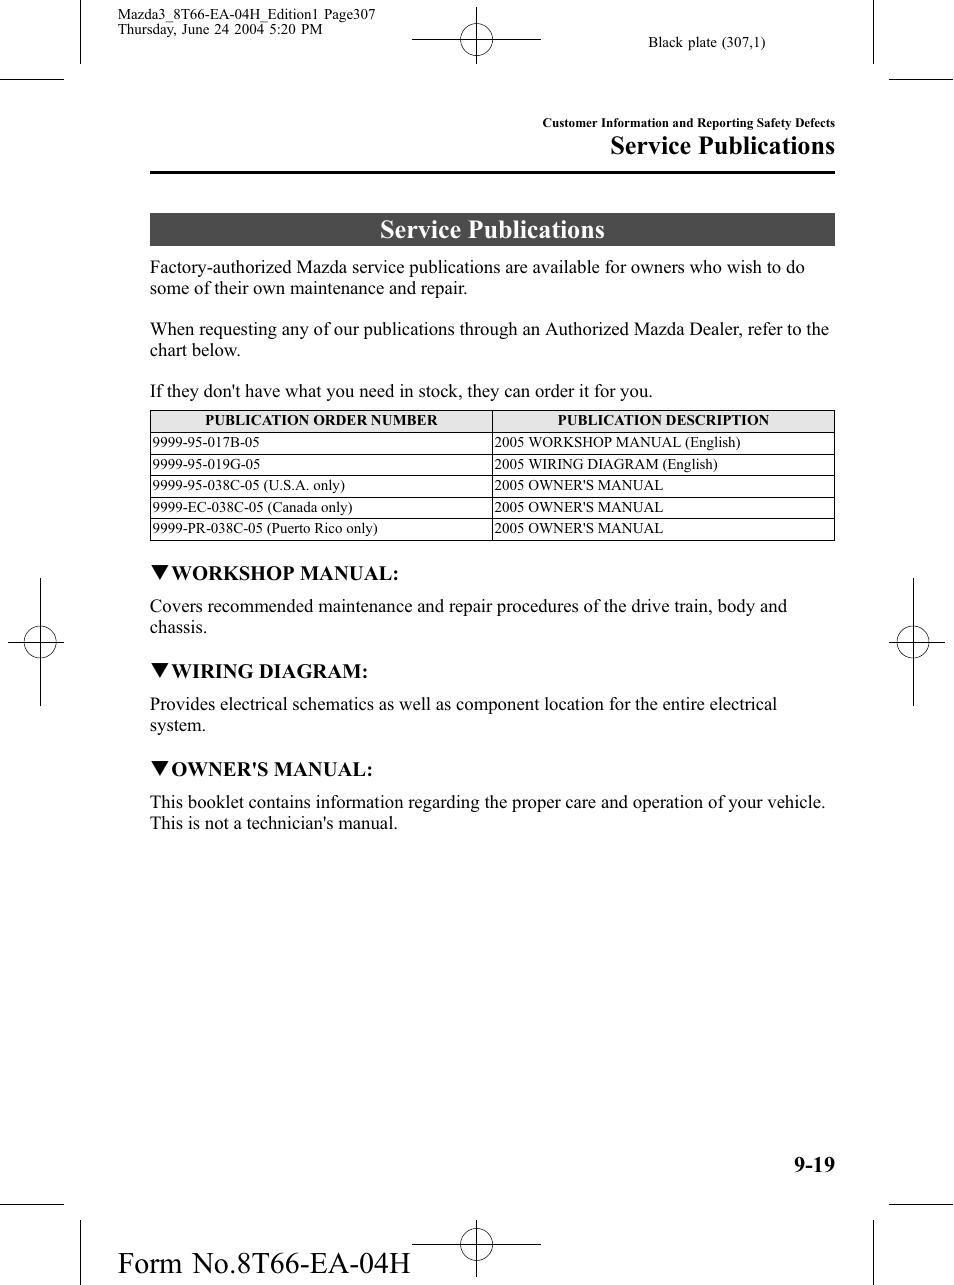 Service publications, Service publications -19 | Mazda 2005 3 4-DOOR User  Manual | Page 307 / 322